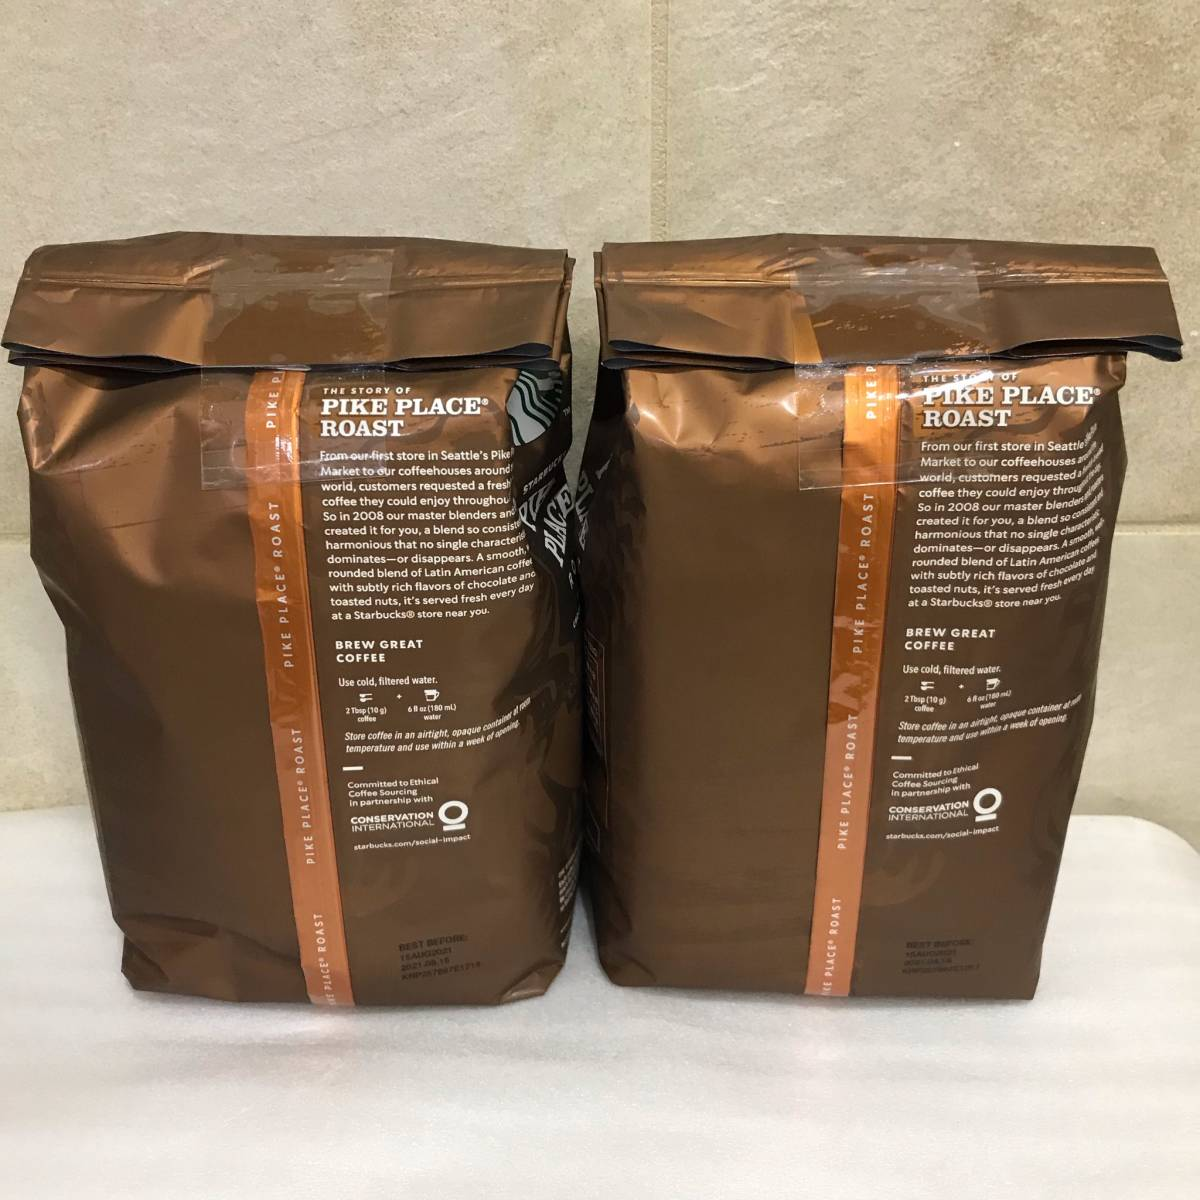 送料無料 スターバックス パイクプレイスロースト 中挽き 793g x 2袋セット Starbucks PIKE PLACE MEDIUM ROAST レギュラー コーヒー 珈琲